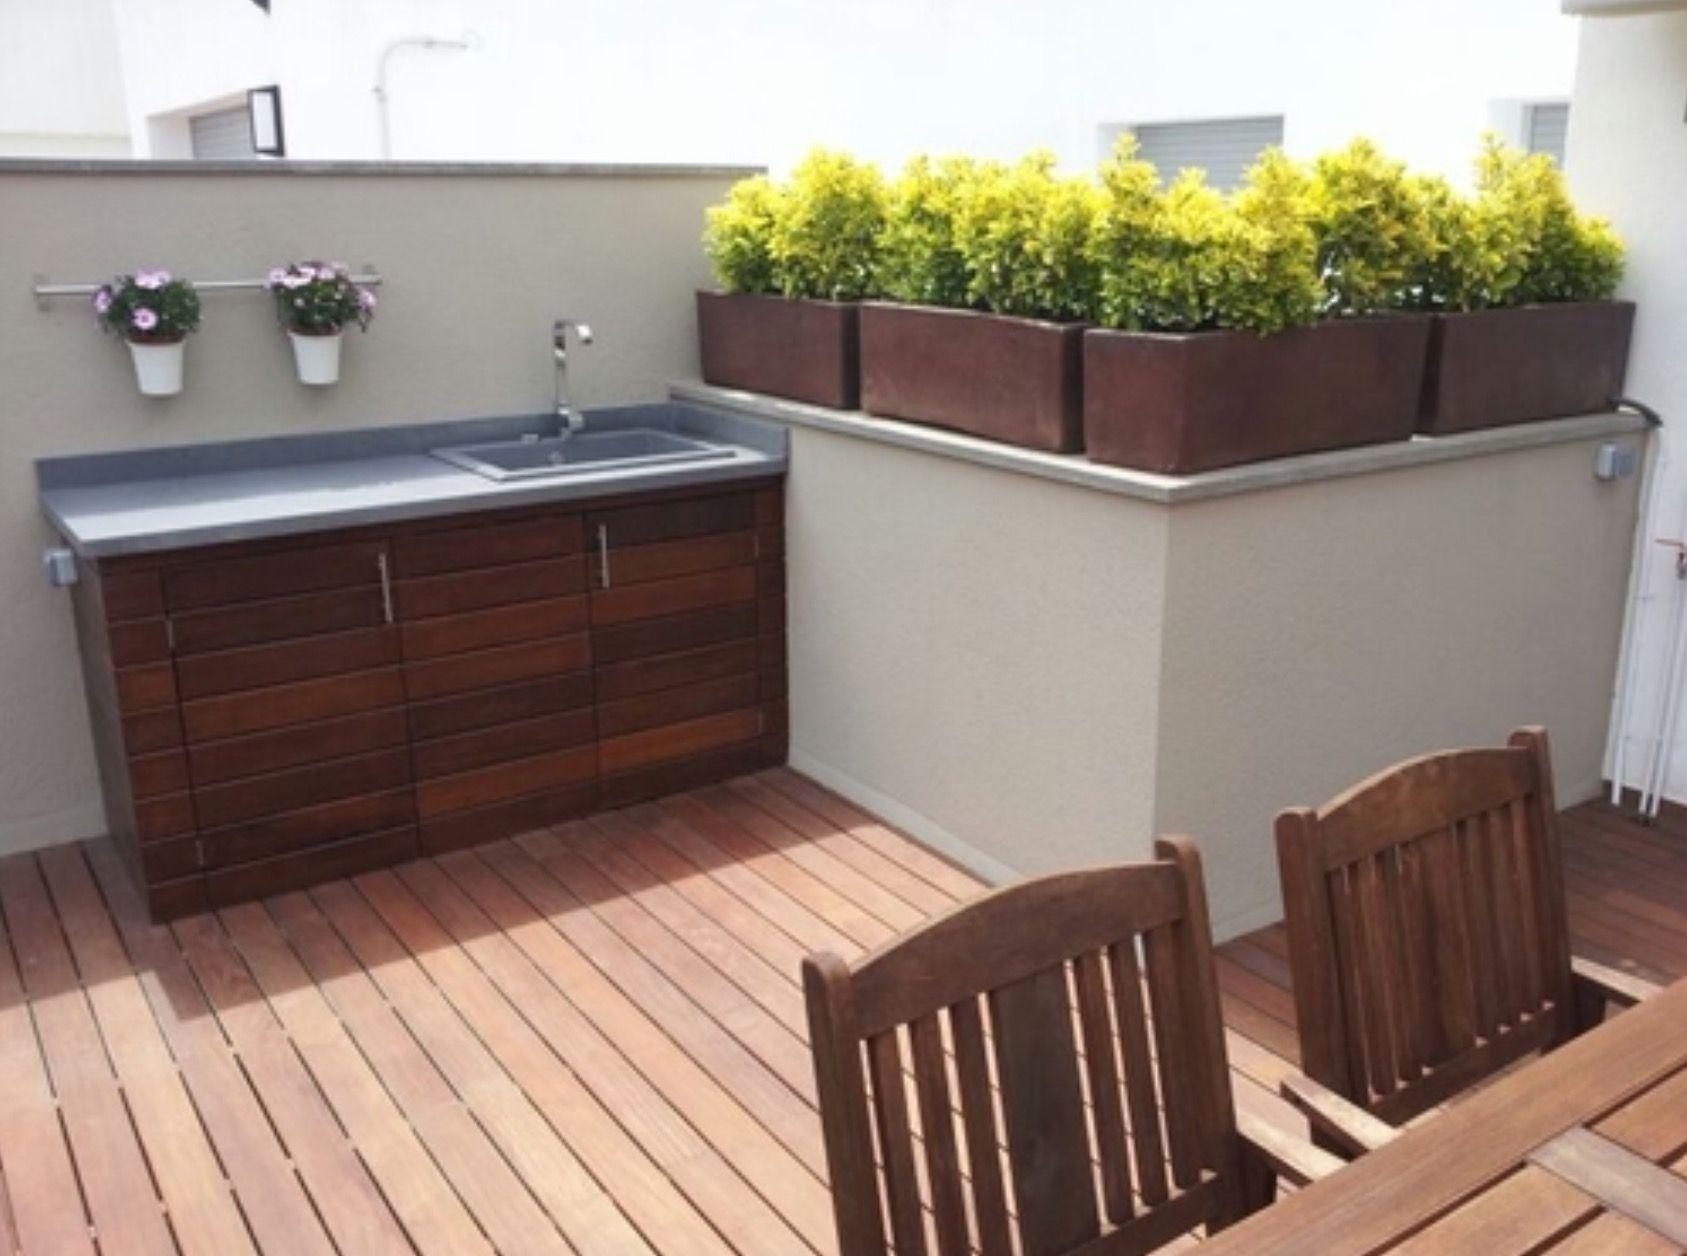 Fregadero en la terraza terraza pinterest fregaderos - Mueble para terraza ...